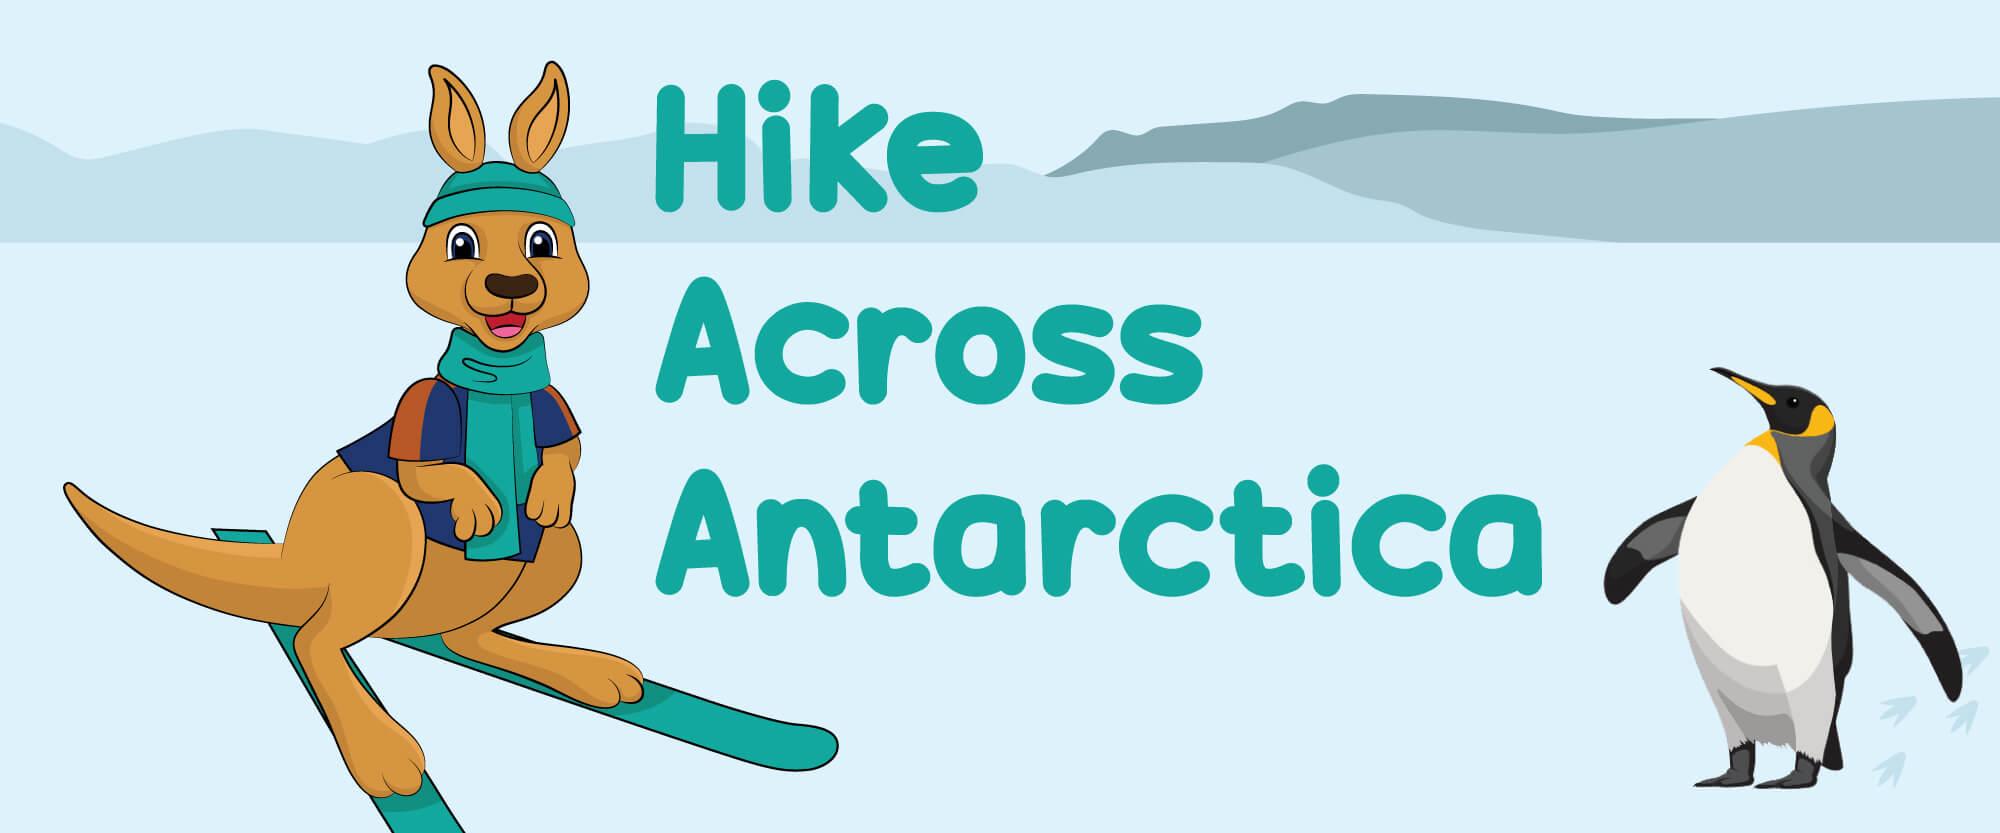 Hike Across Antarctica Banner